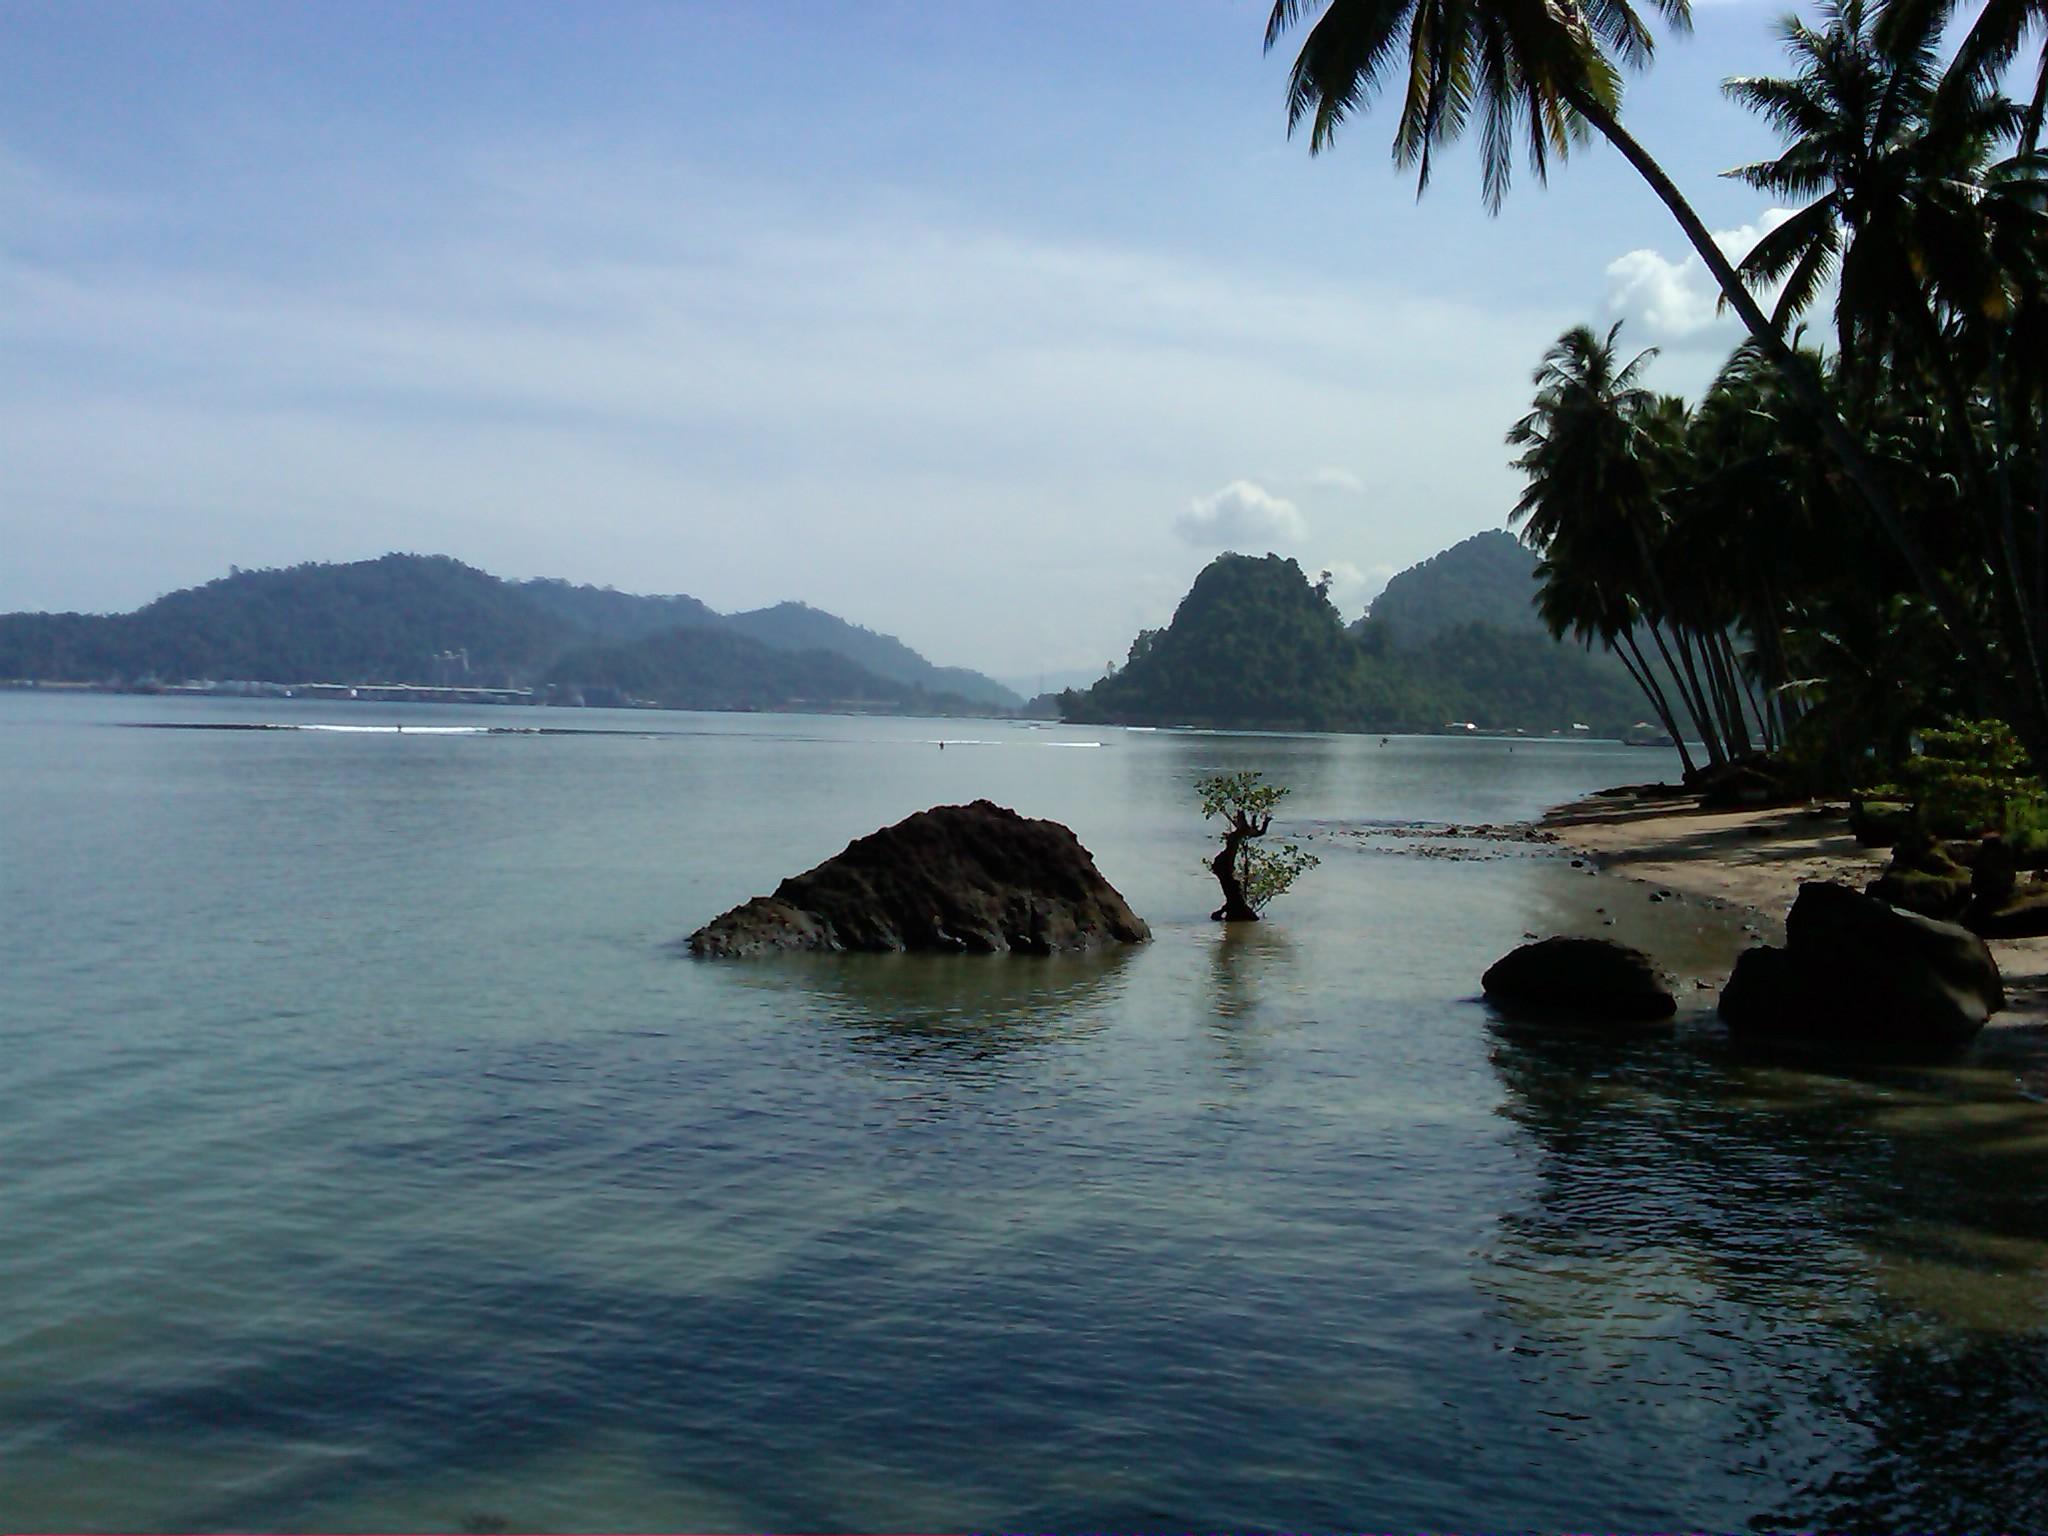 Pantai Nirwana Kemolekan Surga di Sumatera Barat - Sumatera Barat